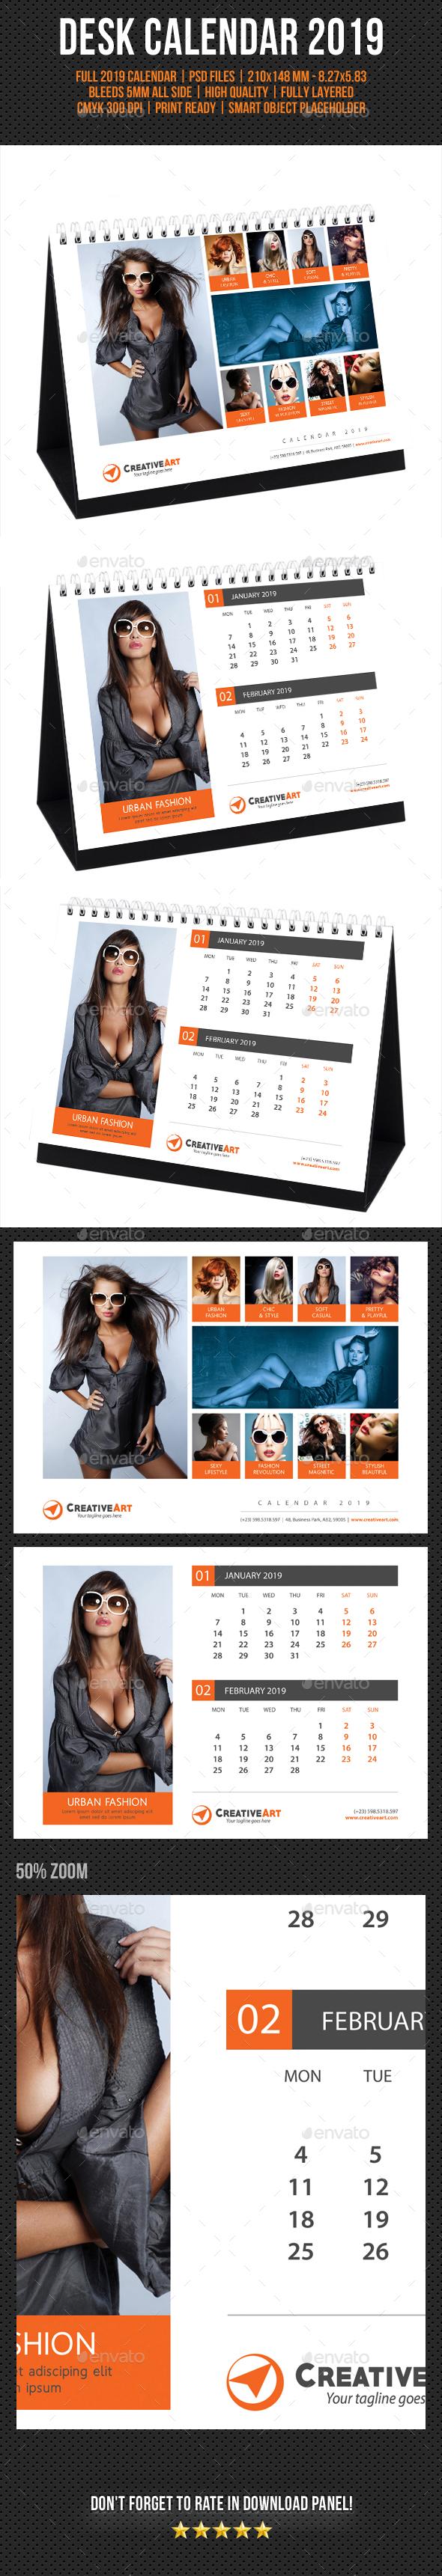 Creative Desk Calendar 2019 V16 - Calendars Stationery